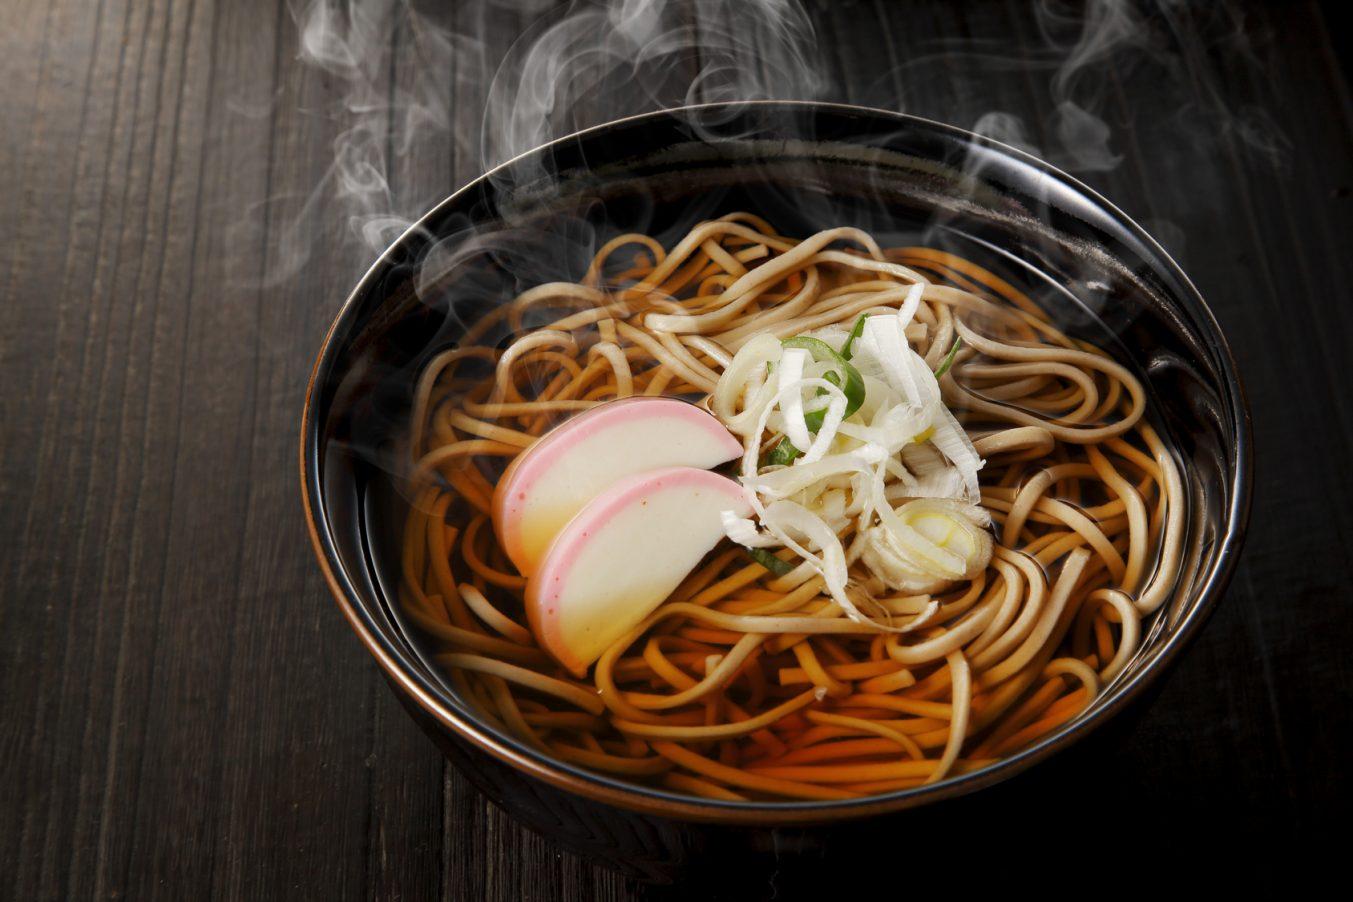 東京からドライブで行きたい神奈川の美味しい蕎麦屋11選+駐車場情報